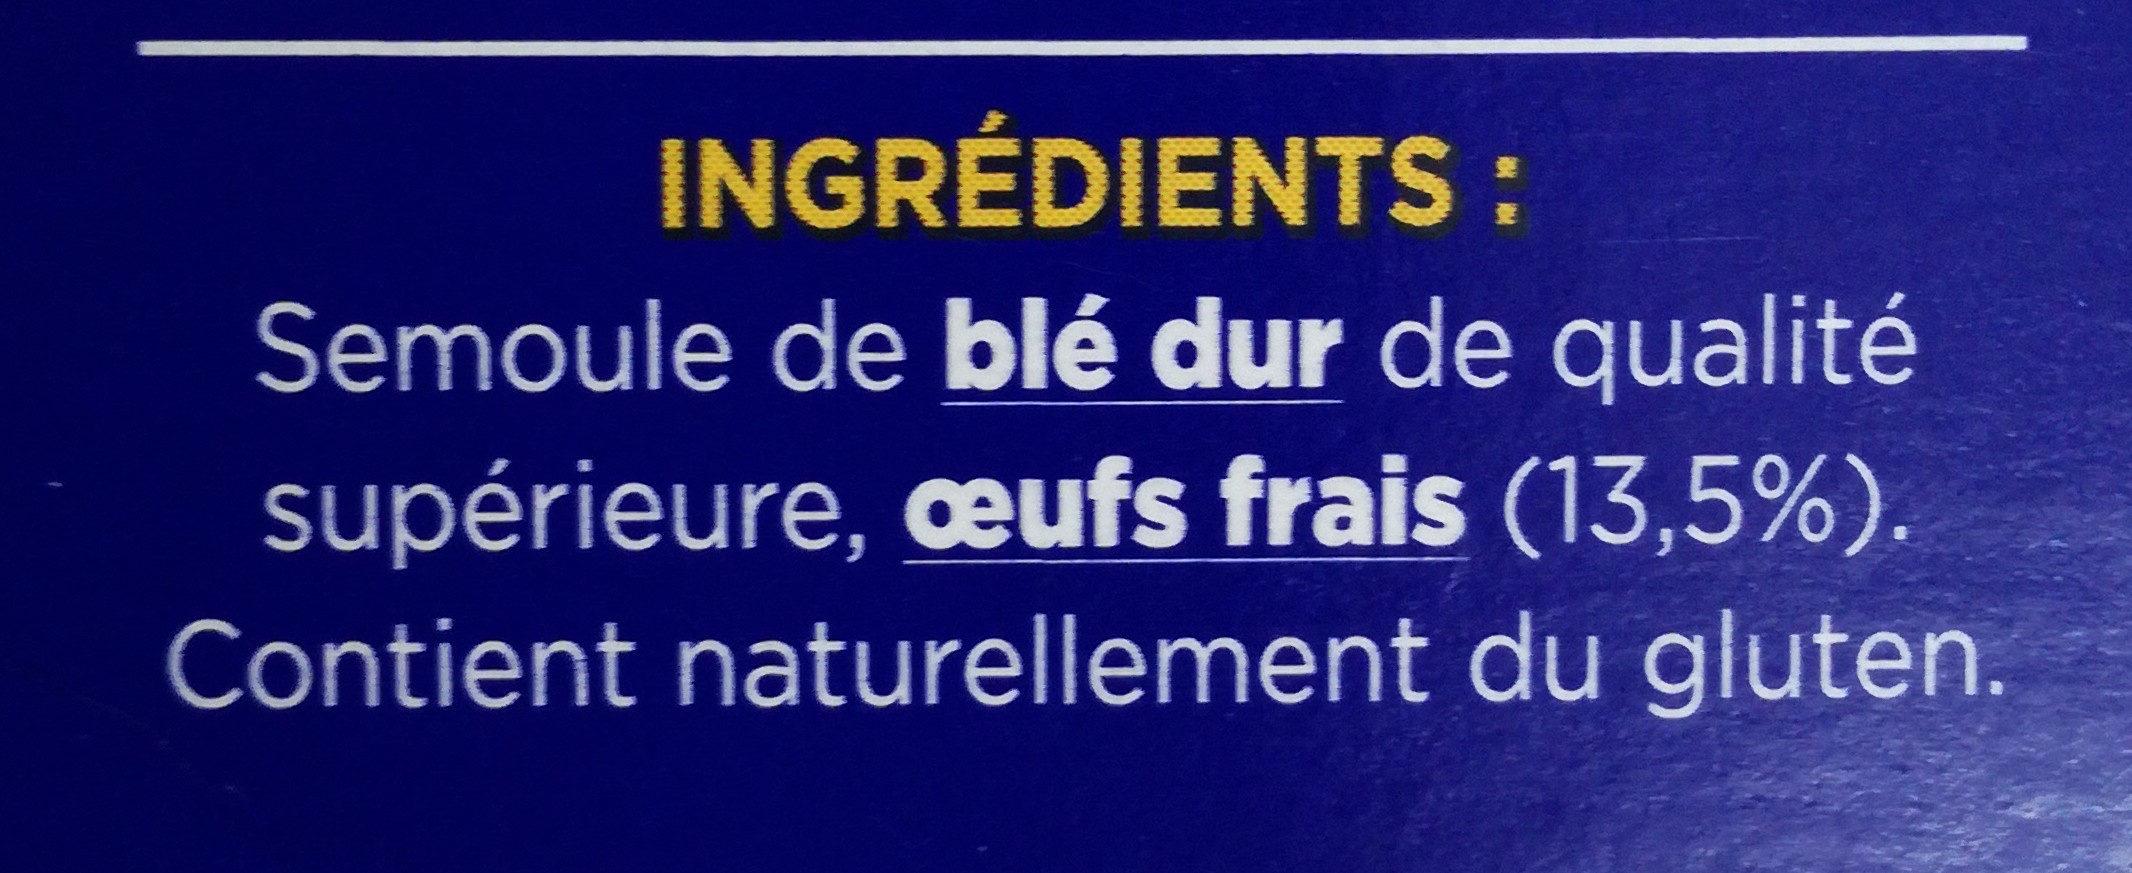 Torsettes aux œufs frais - Ingrédients - fr